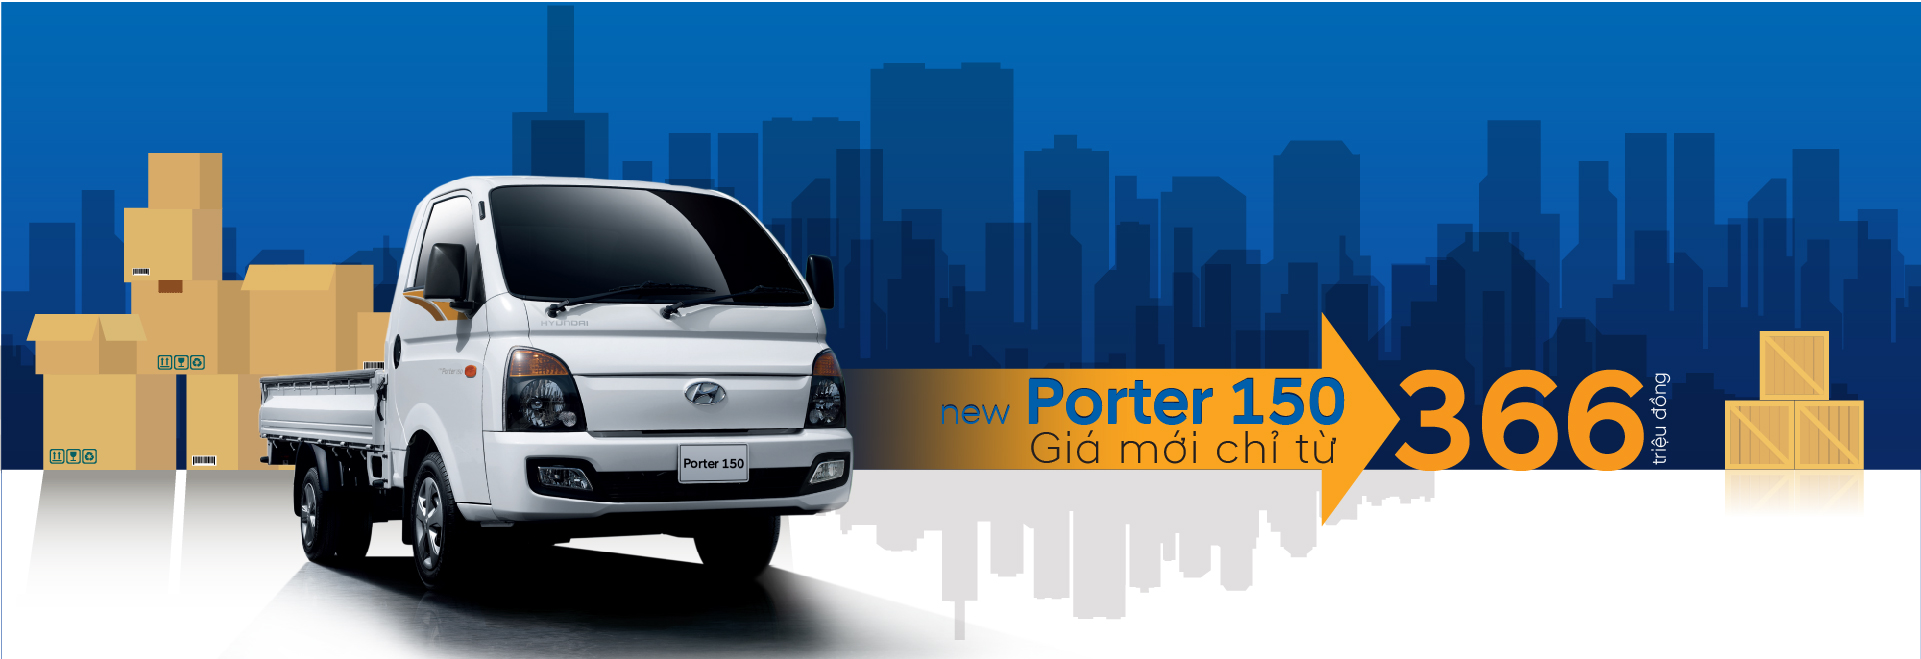 New Porter 150 - Giá mới chỉ từ 366 triệu đồng